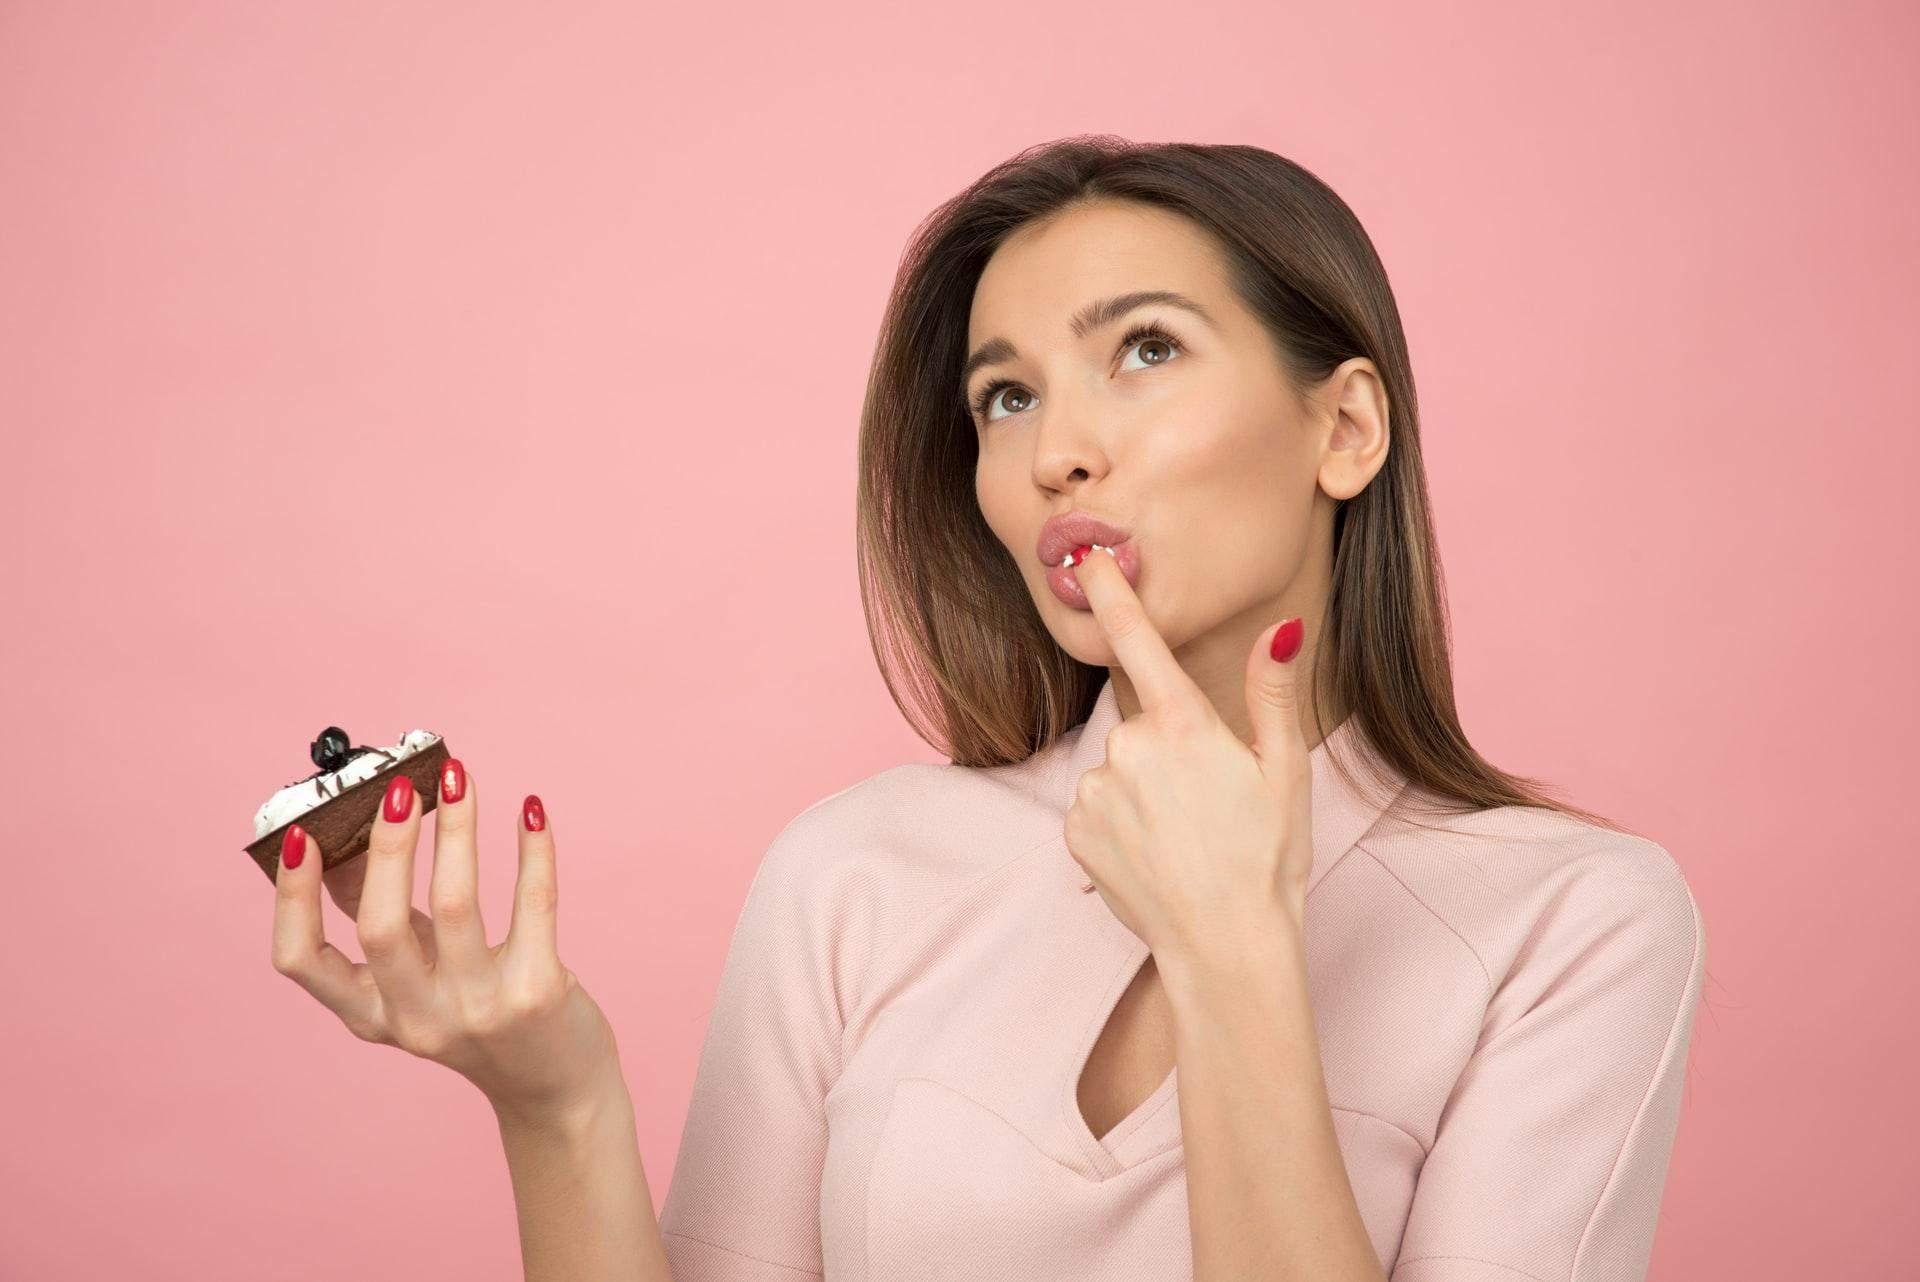 Звичка заїдати стрес гальмує процес схуднення